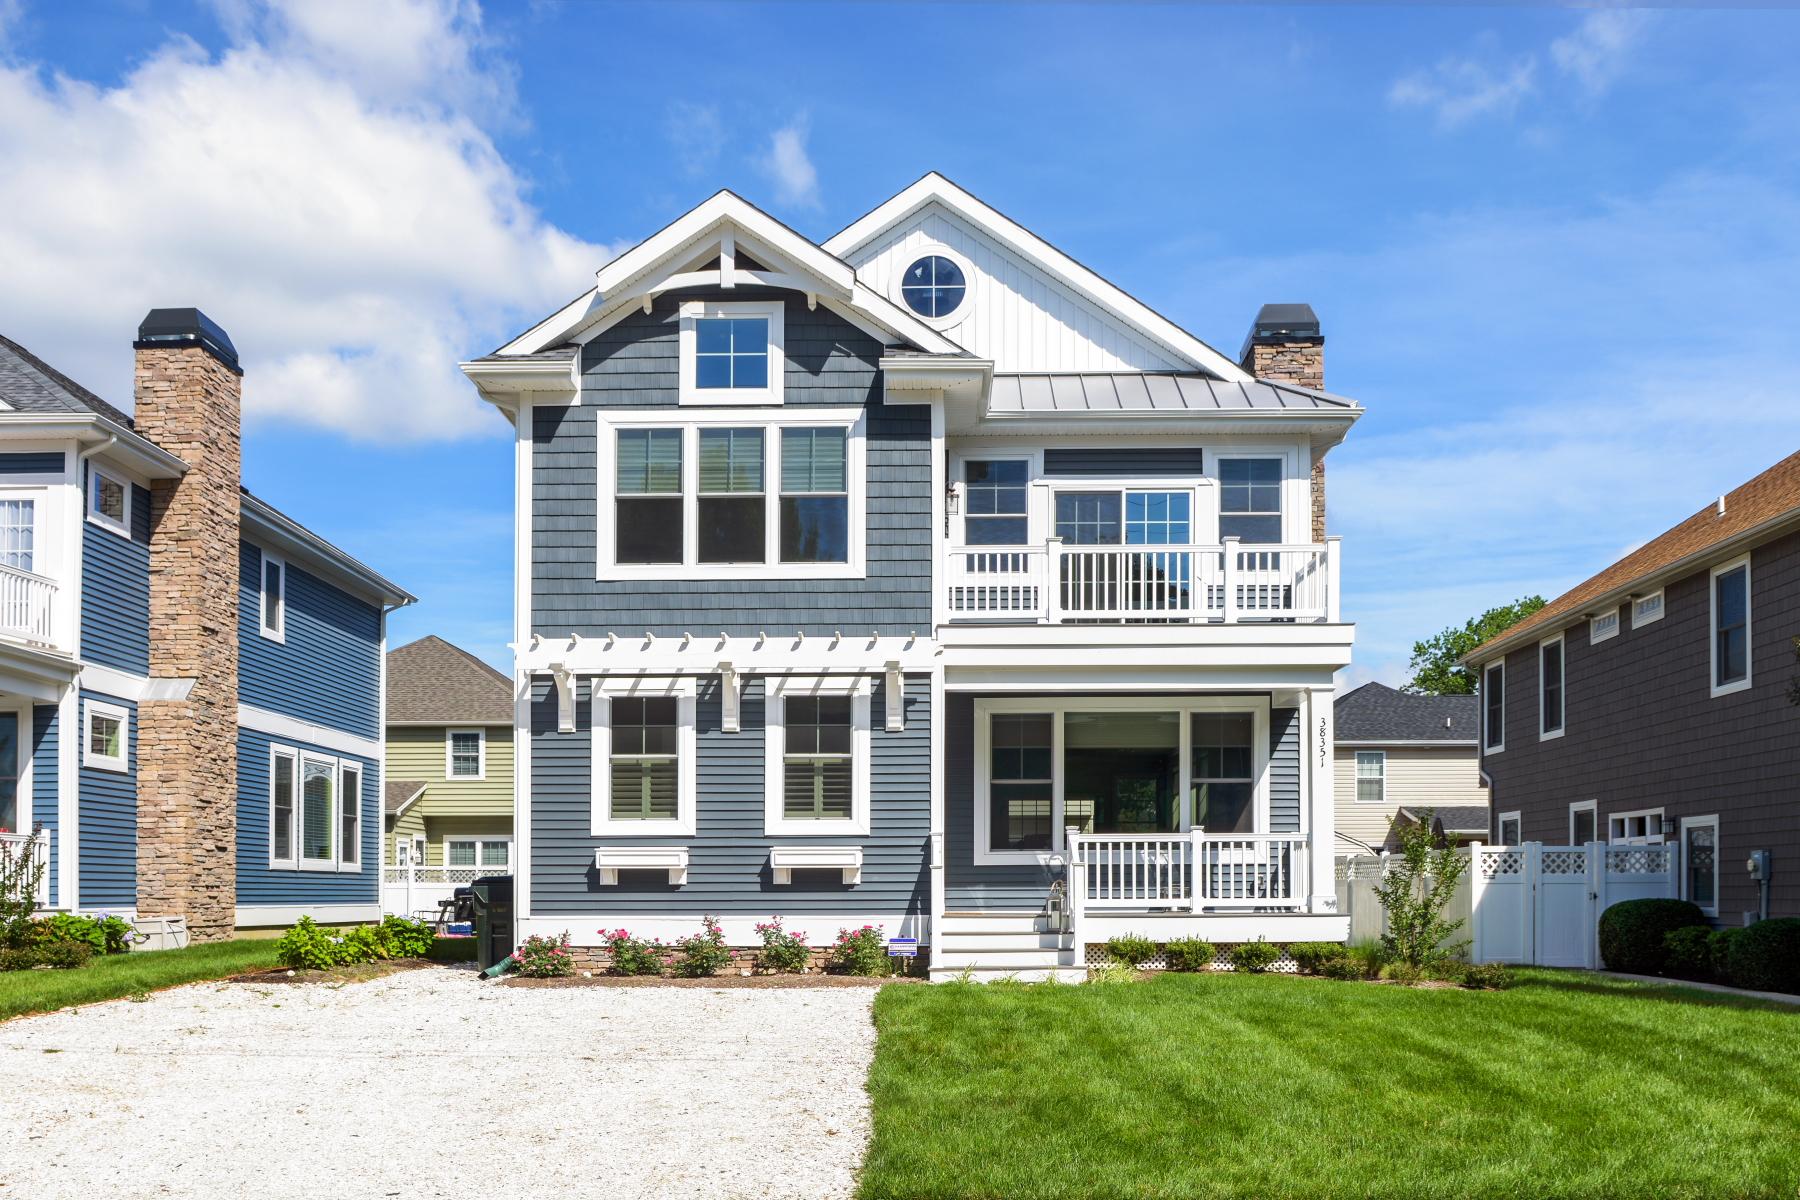 Частный односемейный дом для того Продажа на 207 Munson , Rehoboth Beach, DE 19971 207 Munson Rehoboth Beach, 19971 Соединенные Штаты